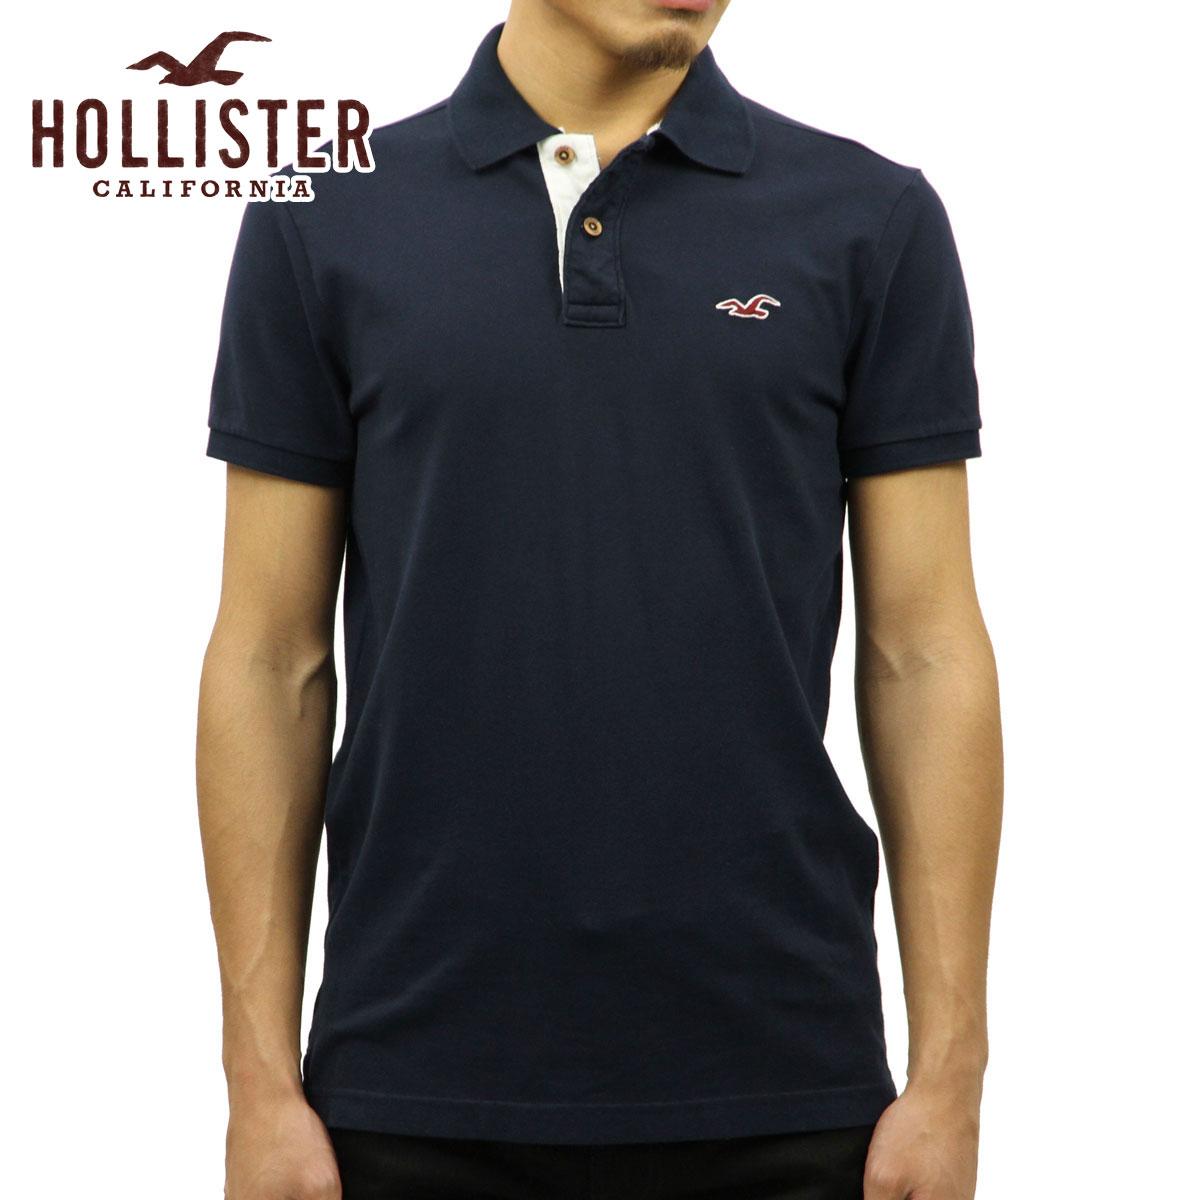 ホリスター HOLLISTER 正規品 メンズ 半袖ポロシャツ 父の日 Stretch Pique Icon Polo 321-364-0602-200